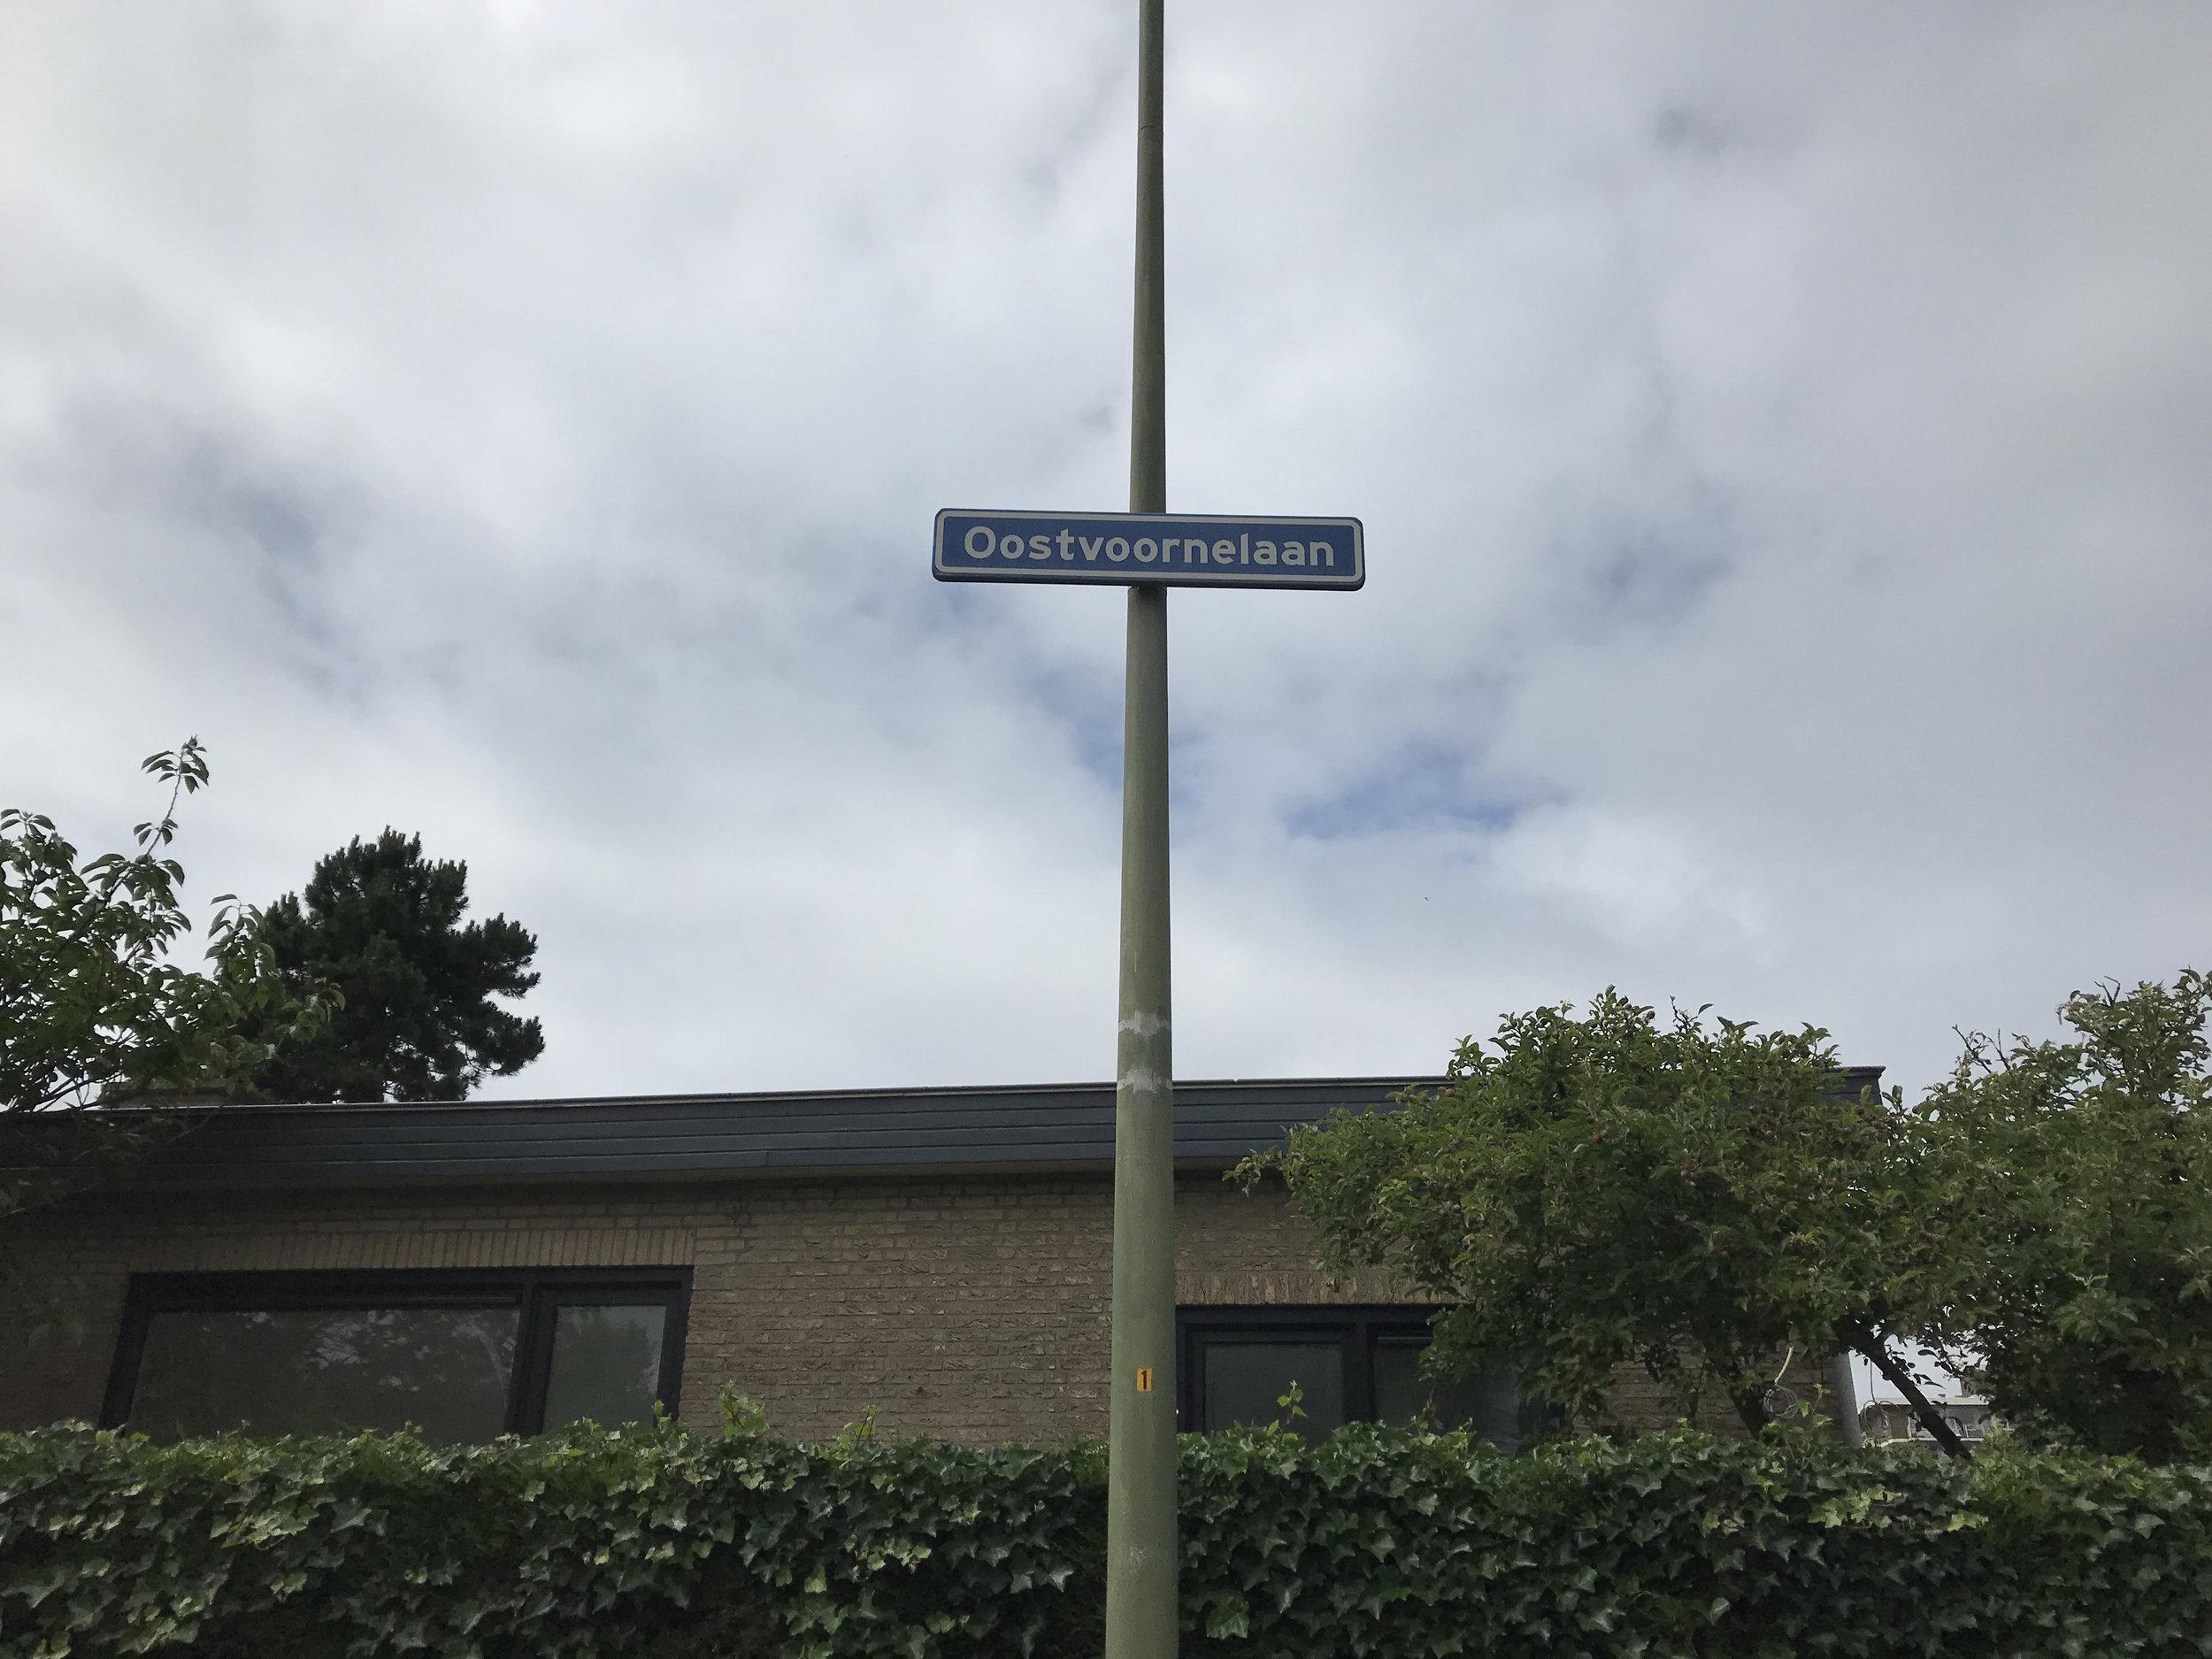 straatinitiatief Oostvoornelaan